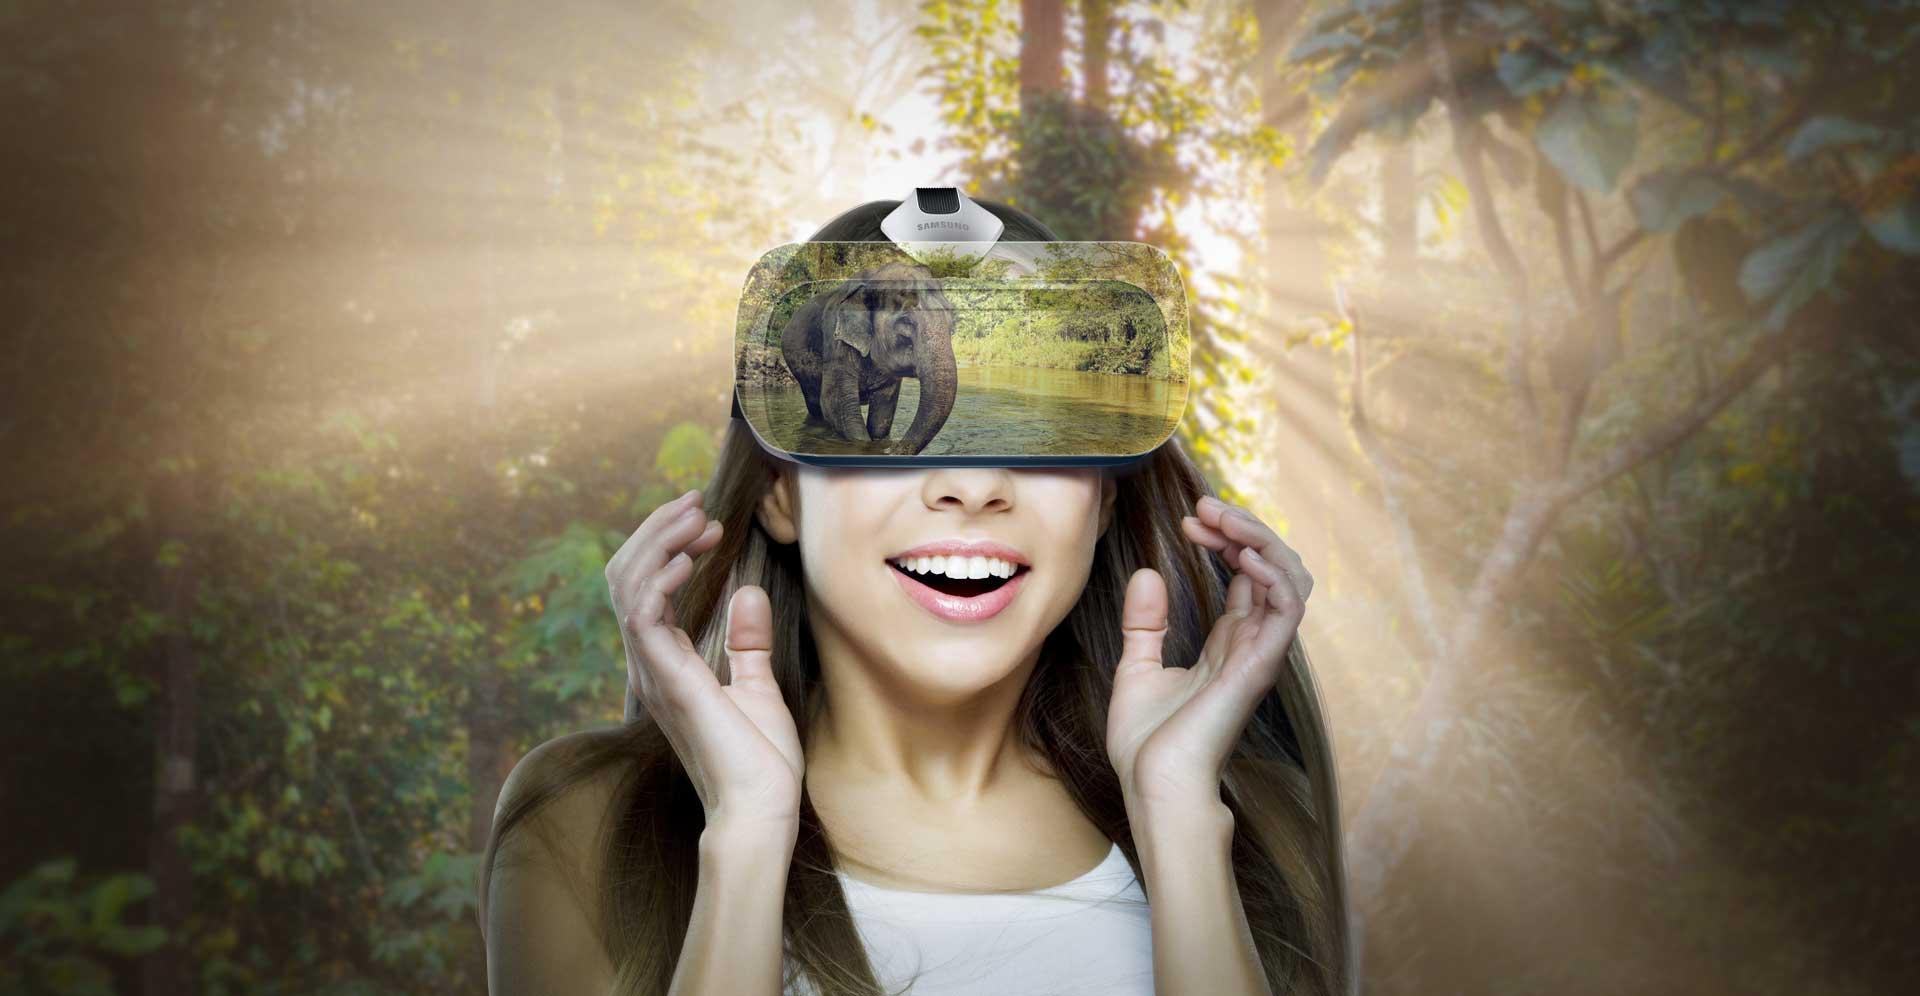 Mở khóa thế giới thực tế ảo với bộ đôi Galaxy S7 và Gear VR - Ảnh 3.